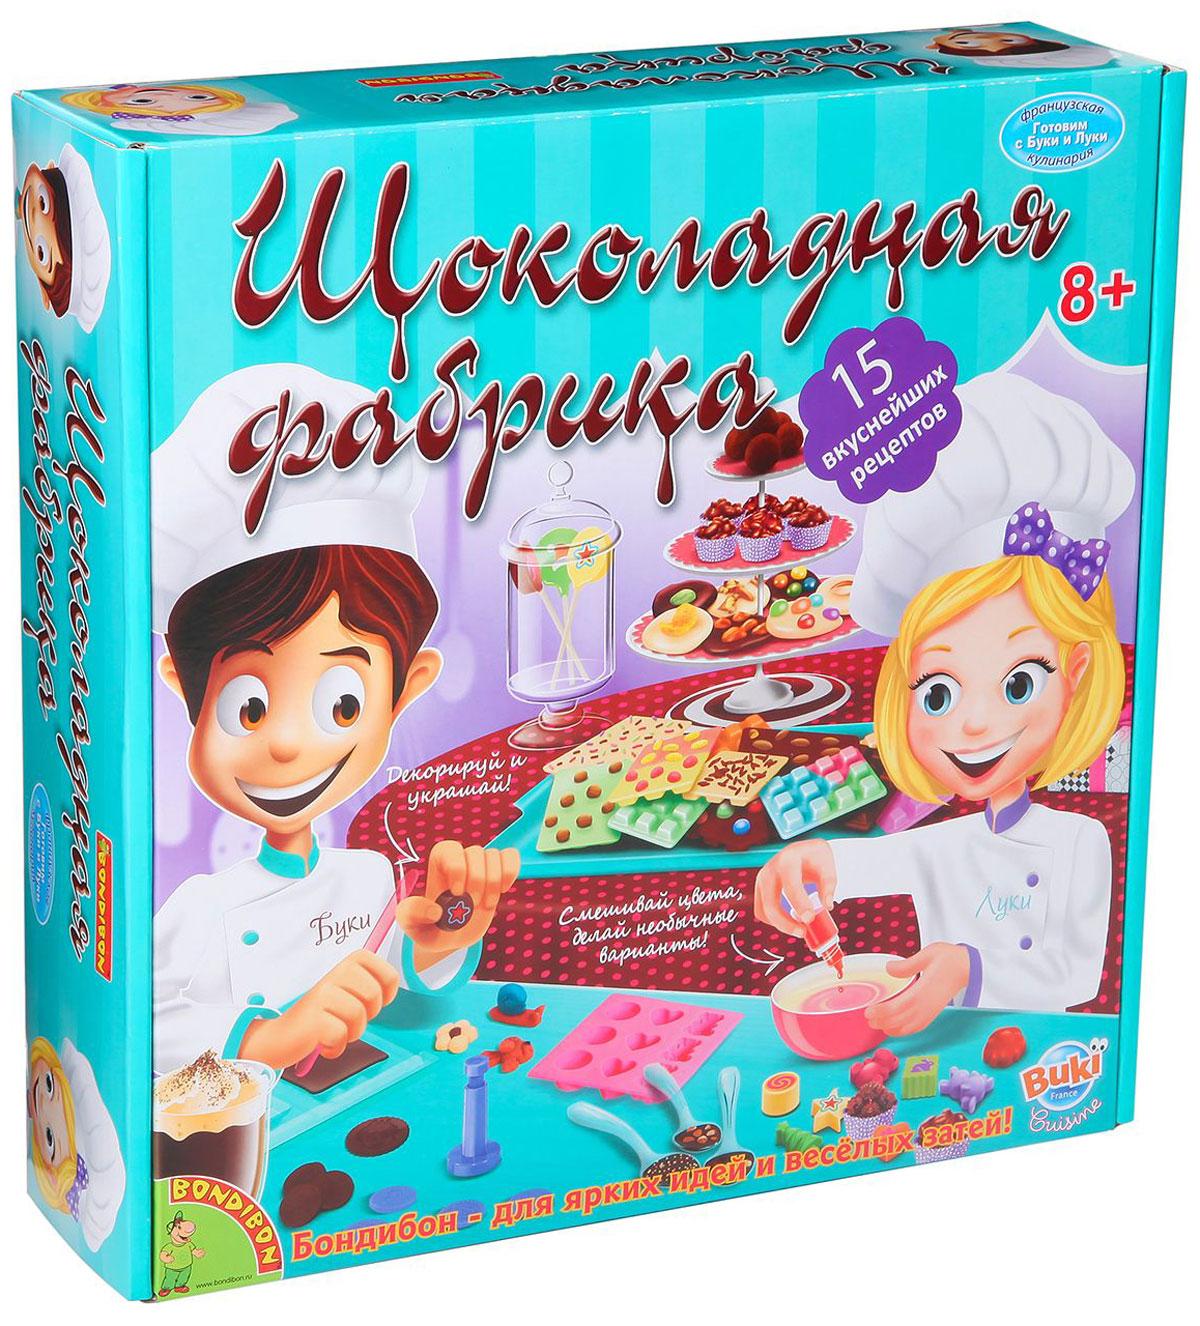 Bondibon Набор для опытов Шоколадная фабрикаВВ1160Какой ребенок не любит шоколад и не мечтает о собственной шоколадной фабрике? Теперь это стало возможным: набор Шоколадная фабрика с 15 замечательных кулинарных экспериментов создан специально для юных кондитеров и сладкоежек! Они смогут прямо на собственной домашней кухне самостоятельно приготовить свои любимые шоколадные конфеты, монеты, медальоны, горячие питательные напитки и даже большие шоколадные плитки! Такое великолепное угощение не сравнить с магазинным, оно приятно удивит и родителей юного кондитера, и его гостей. А если пригласить друзей, чтобы вместе приготовить сладкие лакомства, то приятная работа превратится в увлекательную и веселую игру. Домашняя Шоколадная фабрика позволит ребенку в любое время побаловать себя любимым шоколадом и угостить родителей, друзей и всех тех, кто придет к нему в гости!